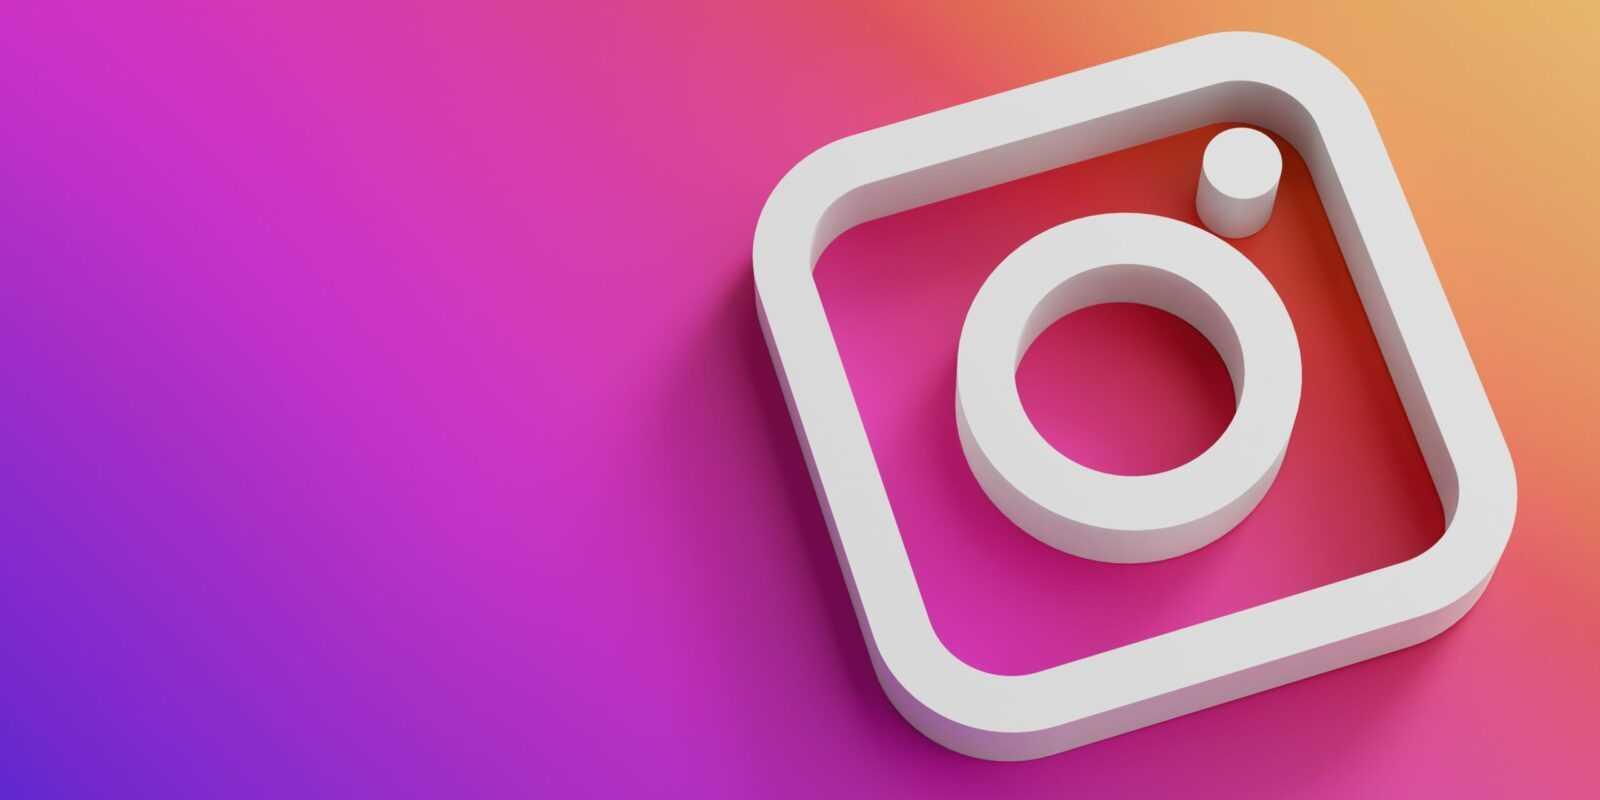 Instagram планирует проверить, как отключение лайков повлияет на соцсеть